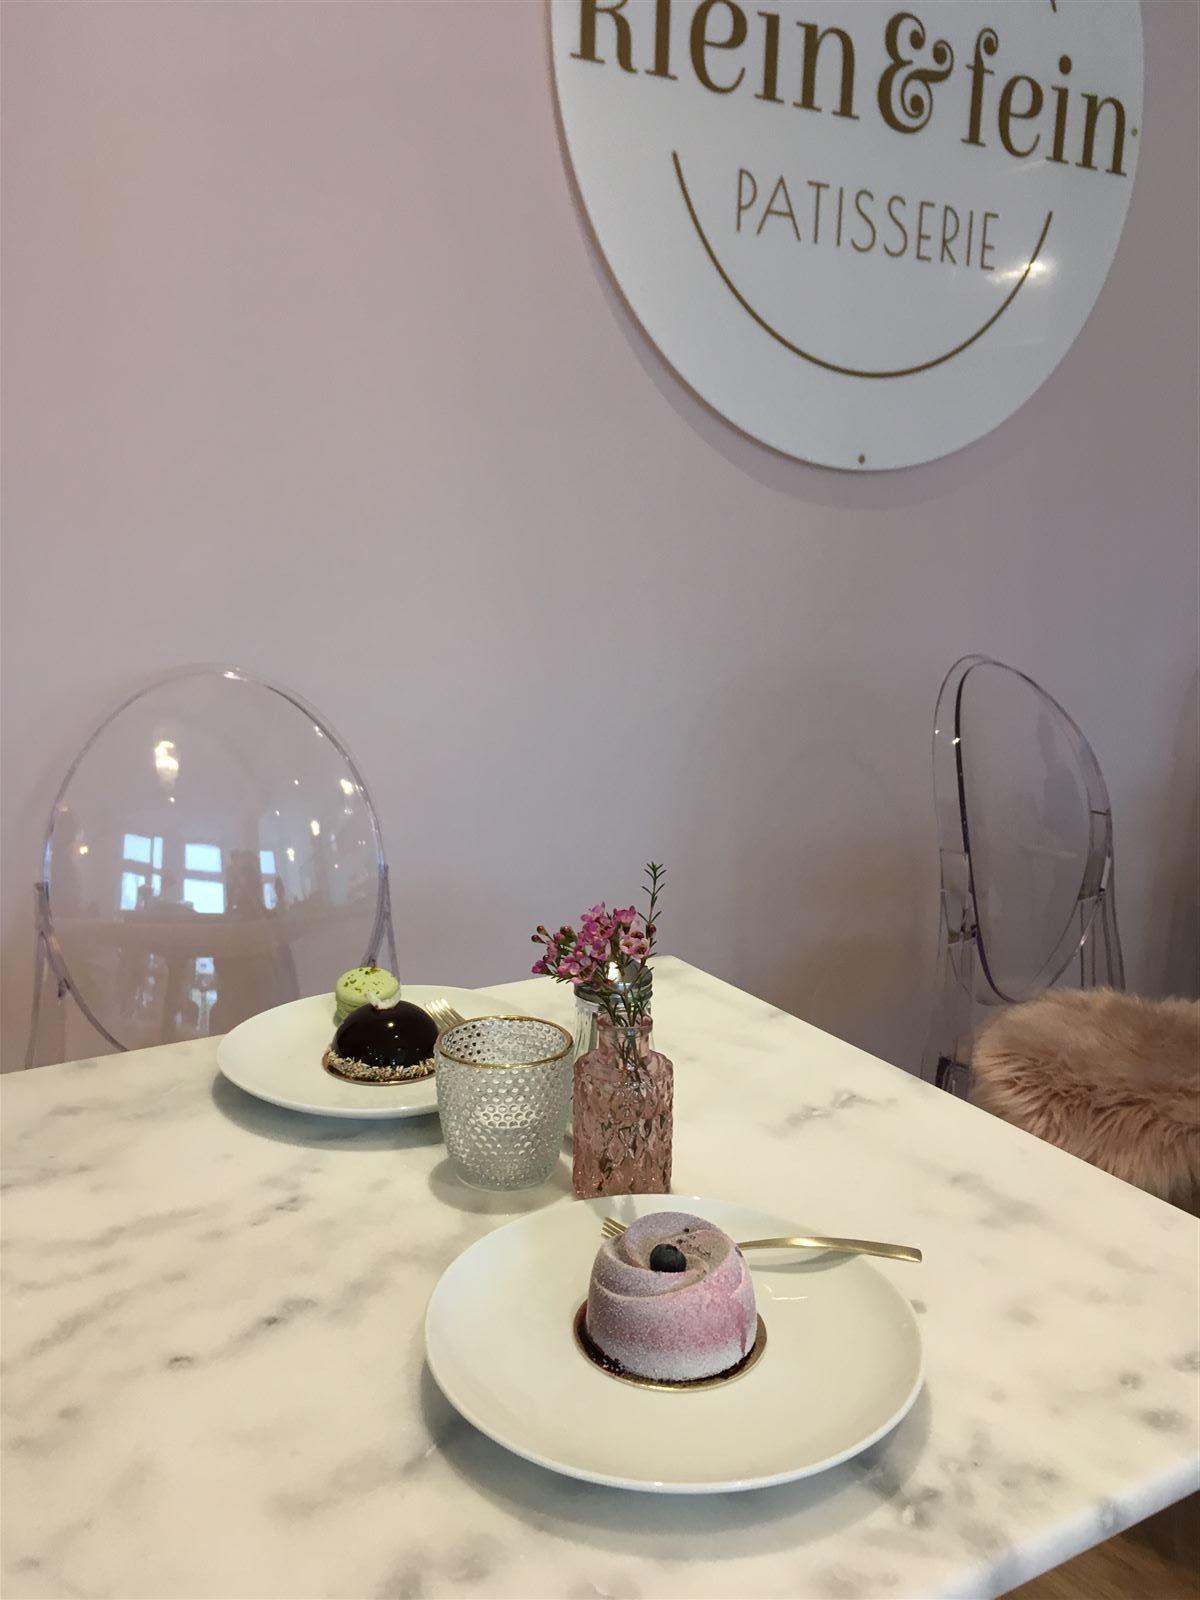 klein & fein - Patisserie und Café am Johanniskirchplatz in Plauen